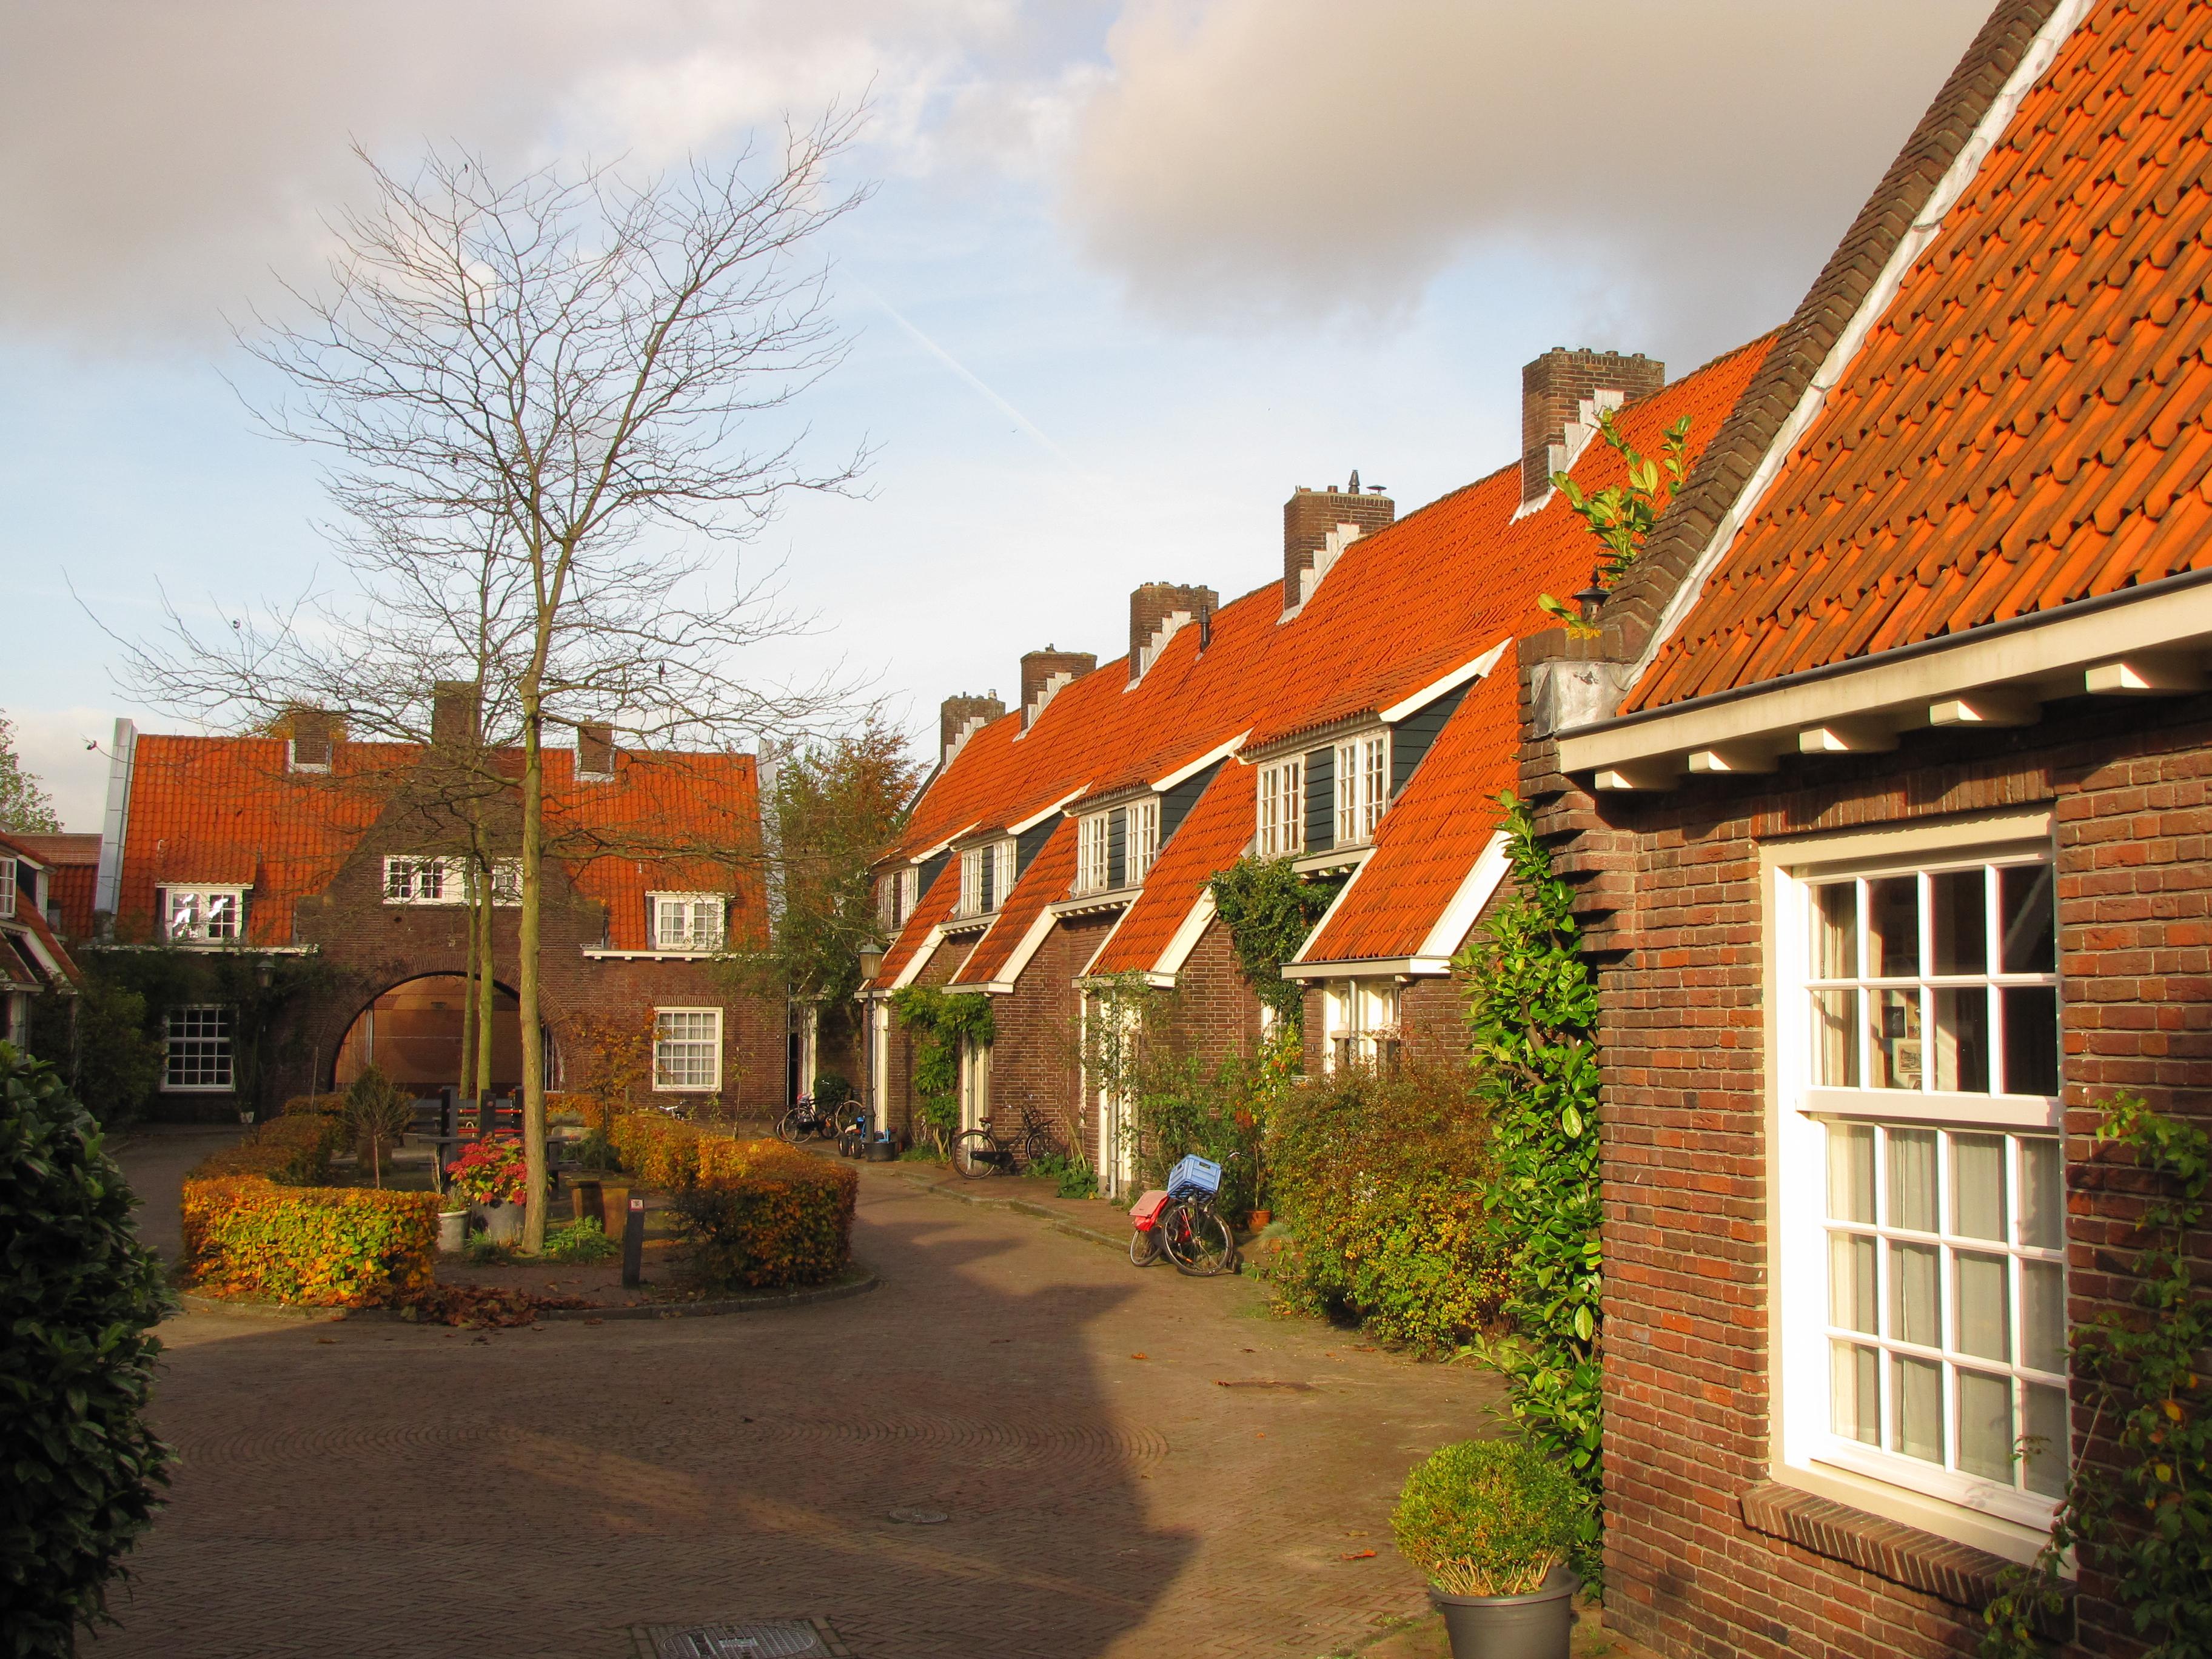 File:Amersfoort, Dreyershofje 1-30 GM0307-442.JPG